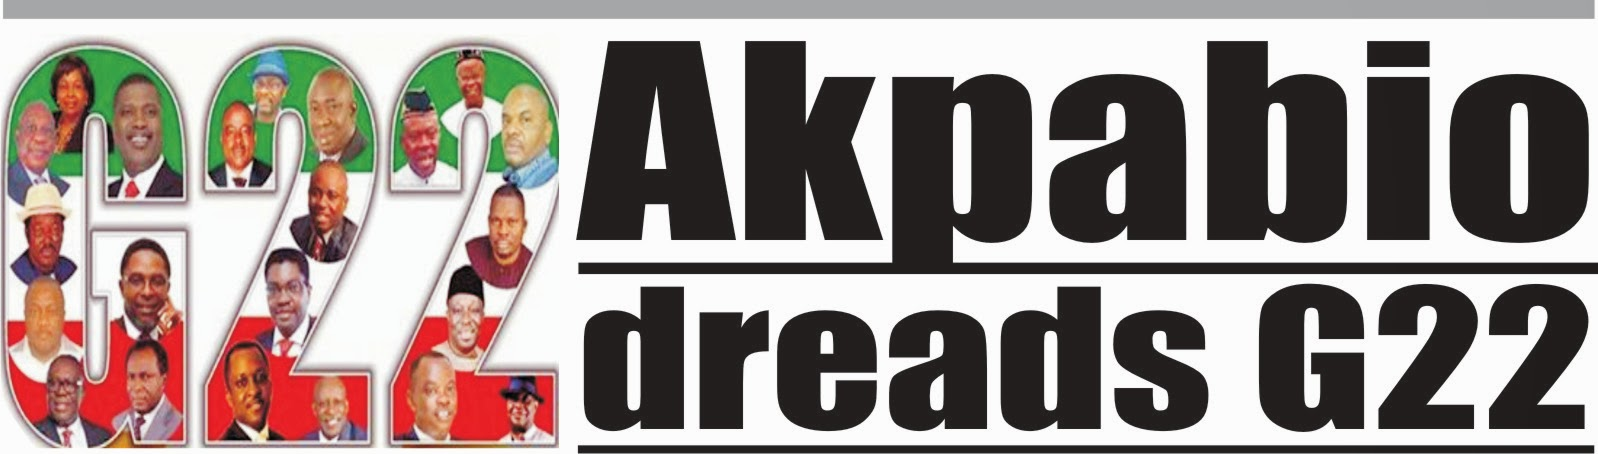 Akpabio dreads G22